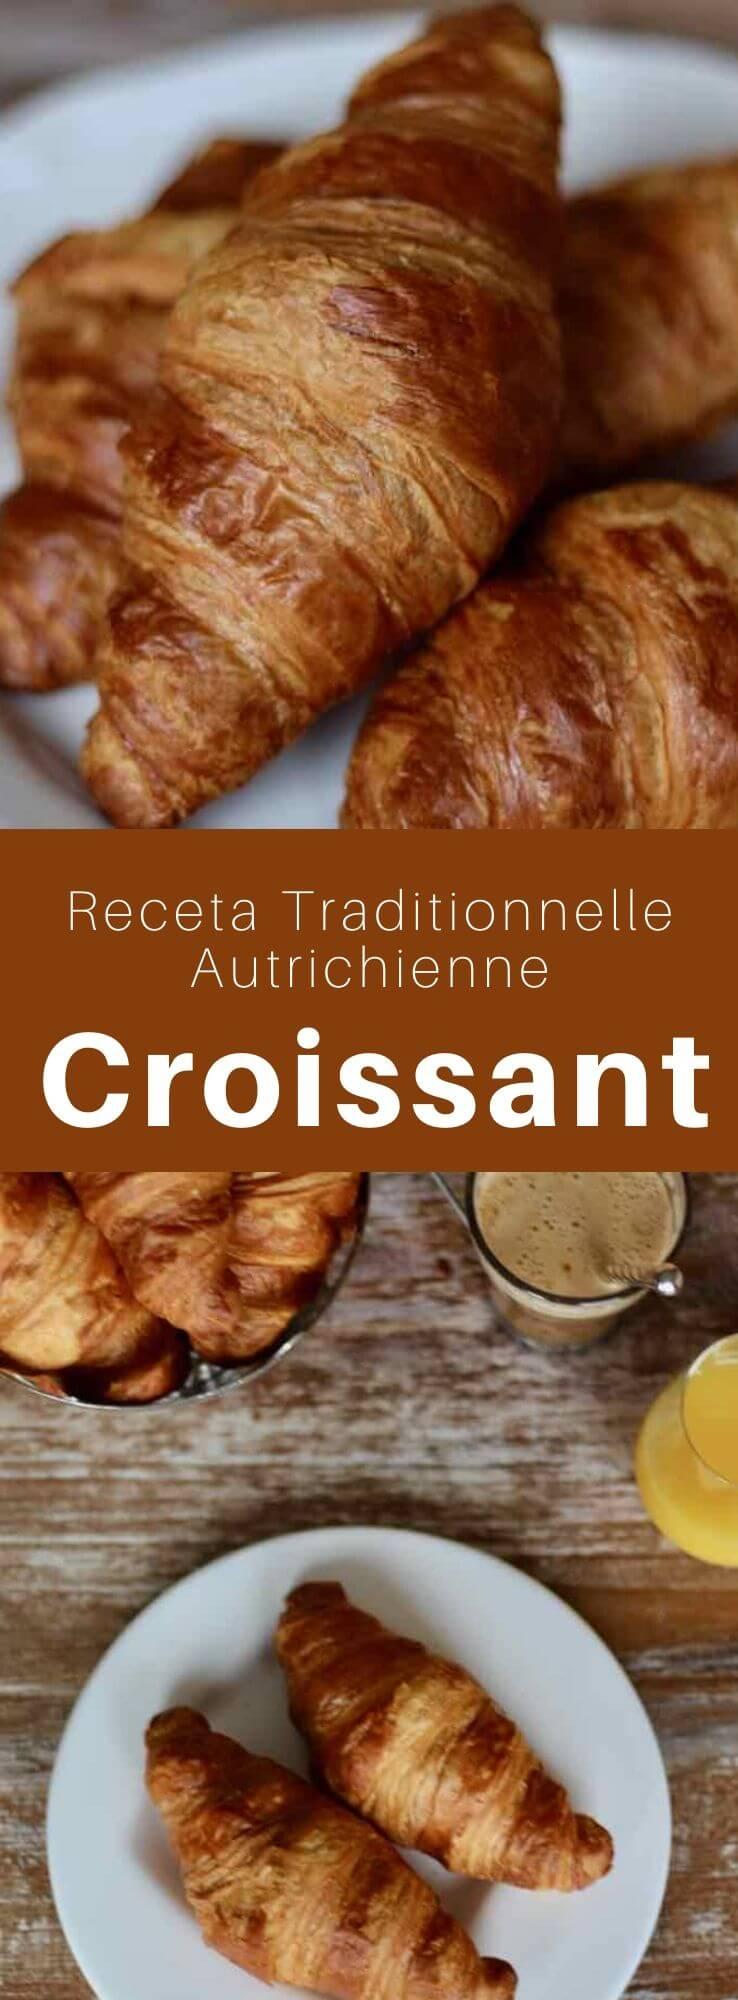 Le croissant est une viennoiserie faite de pâte levée feuilletée et de beurre, originaire de Vienne et incontournable du petit déjeuner français. #Autriche #Autrichien #RecetteAutrichienne #France #Francais #CuisineFrancaise #CuisineDuMonde #196flavors